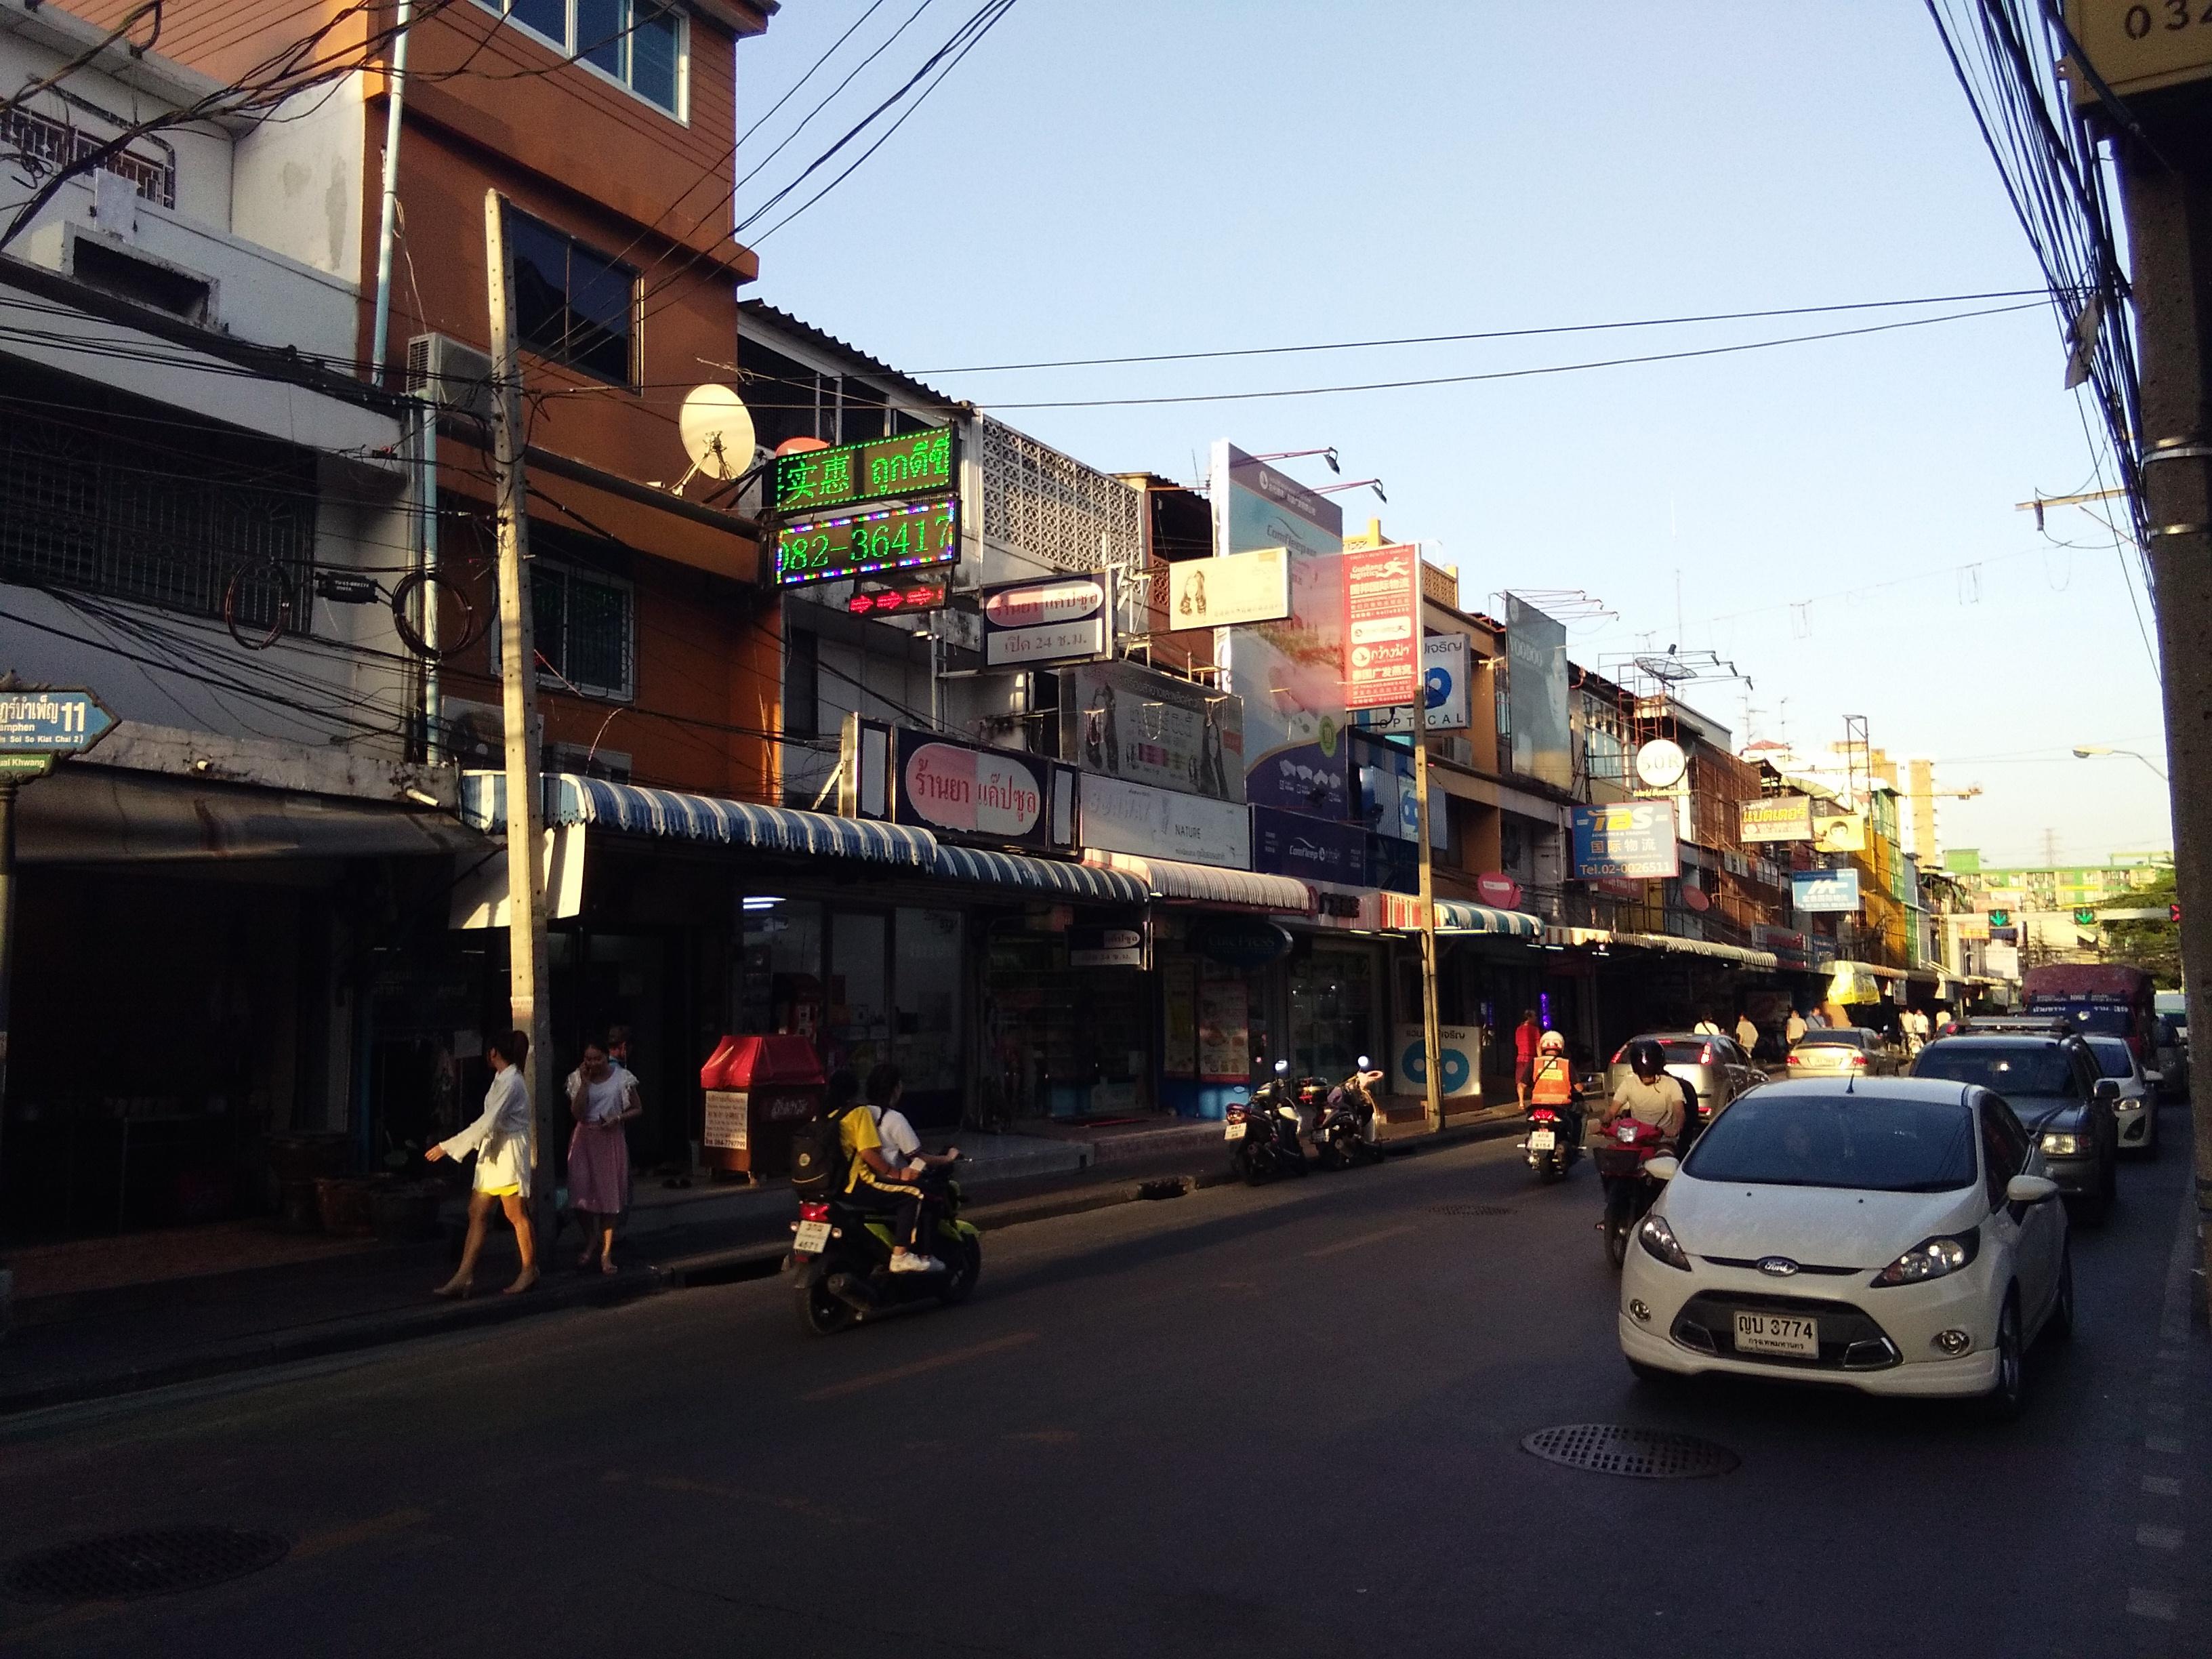 Ilyen kis utcák vannak erre a kínai negyedben